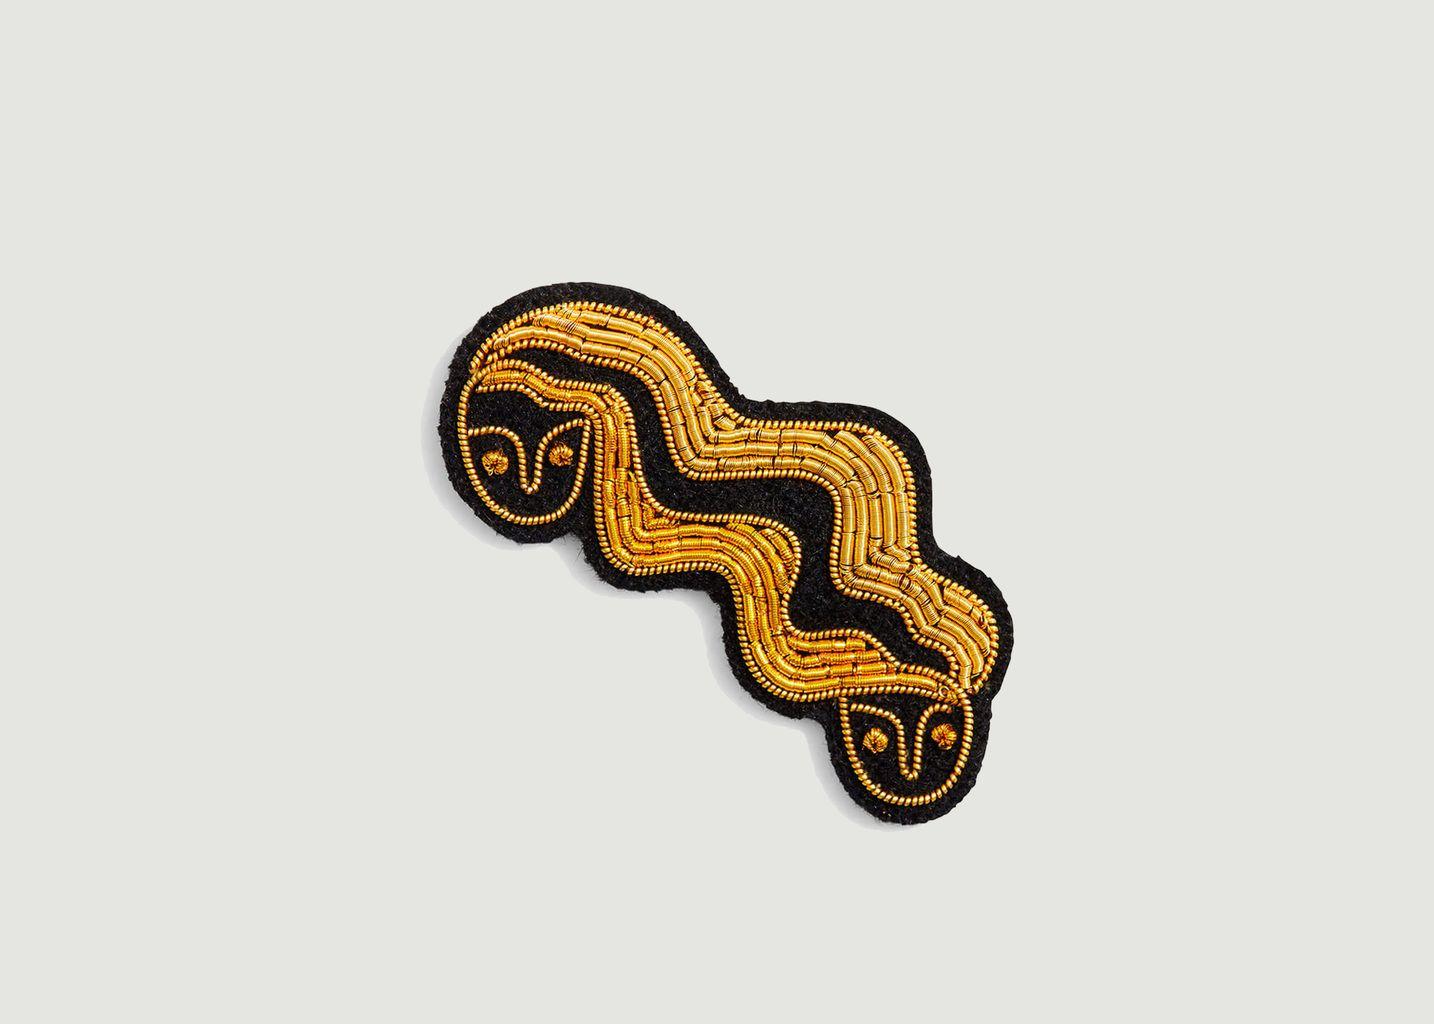 Broche signe astrologique Gémeaux - Macon & Lesquoy